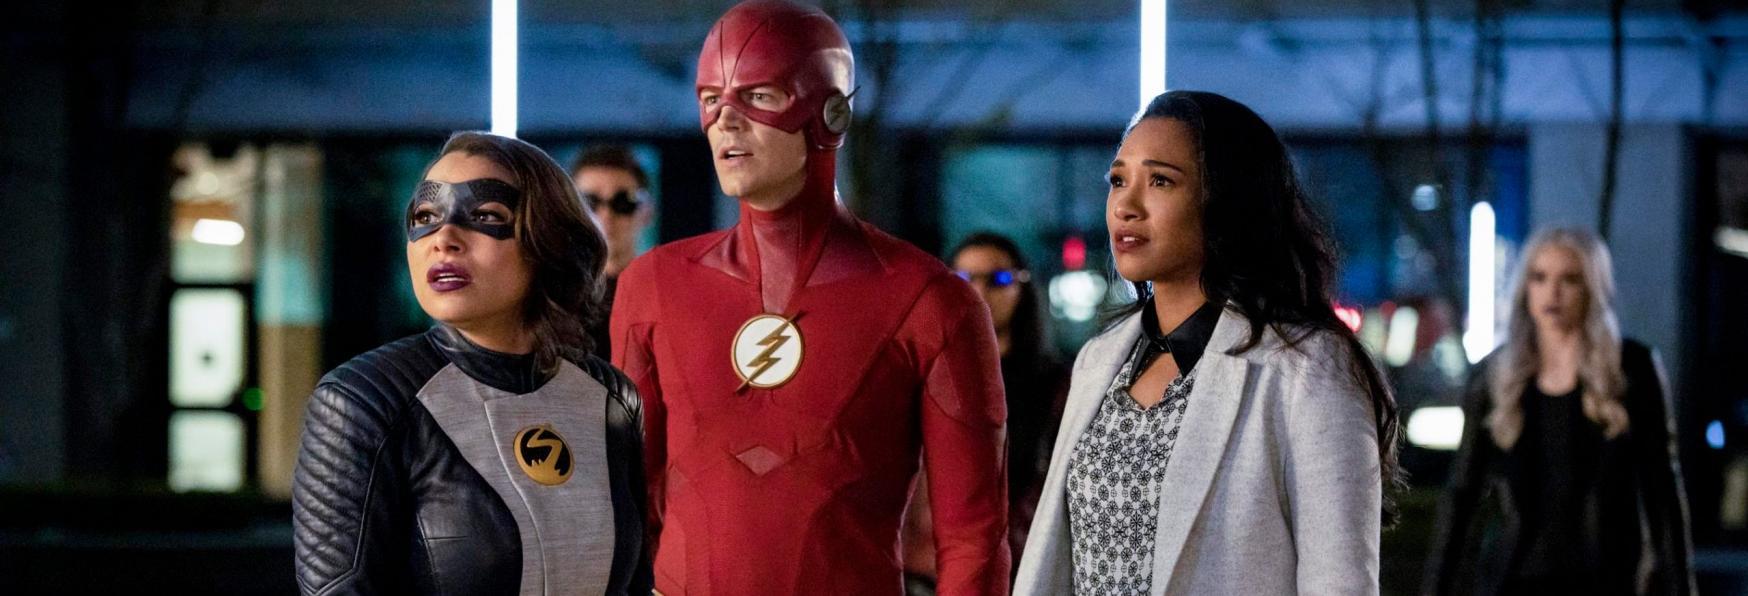 The Flash 7: Rilasciato il nuovo Trailer Ufficiale della nuova Stagione